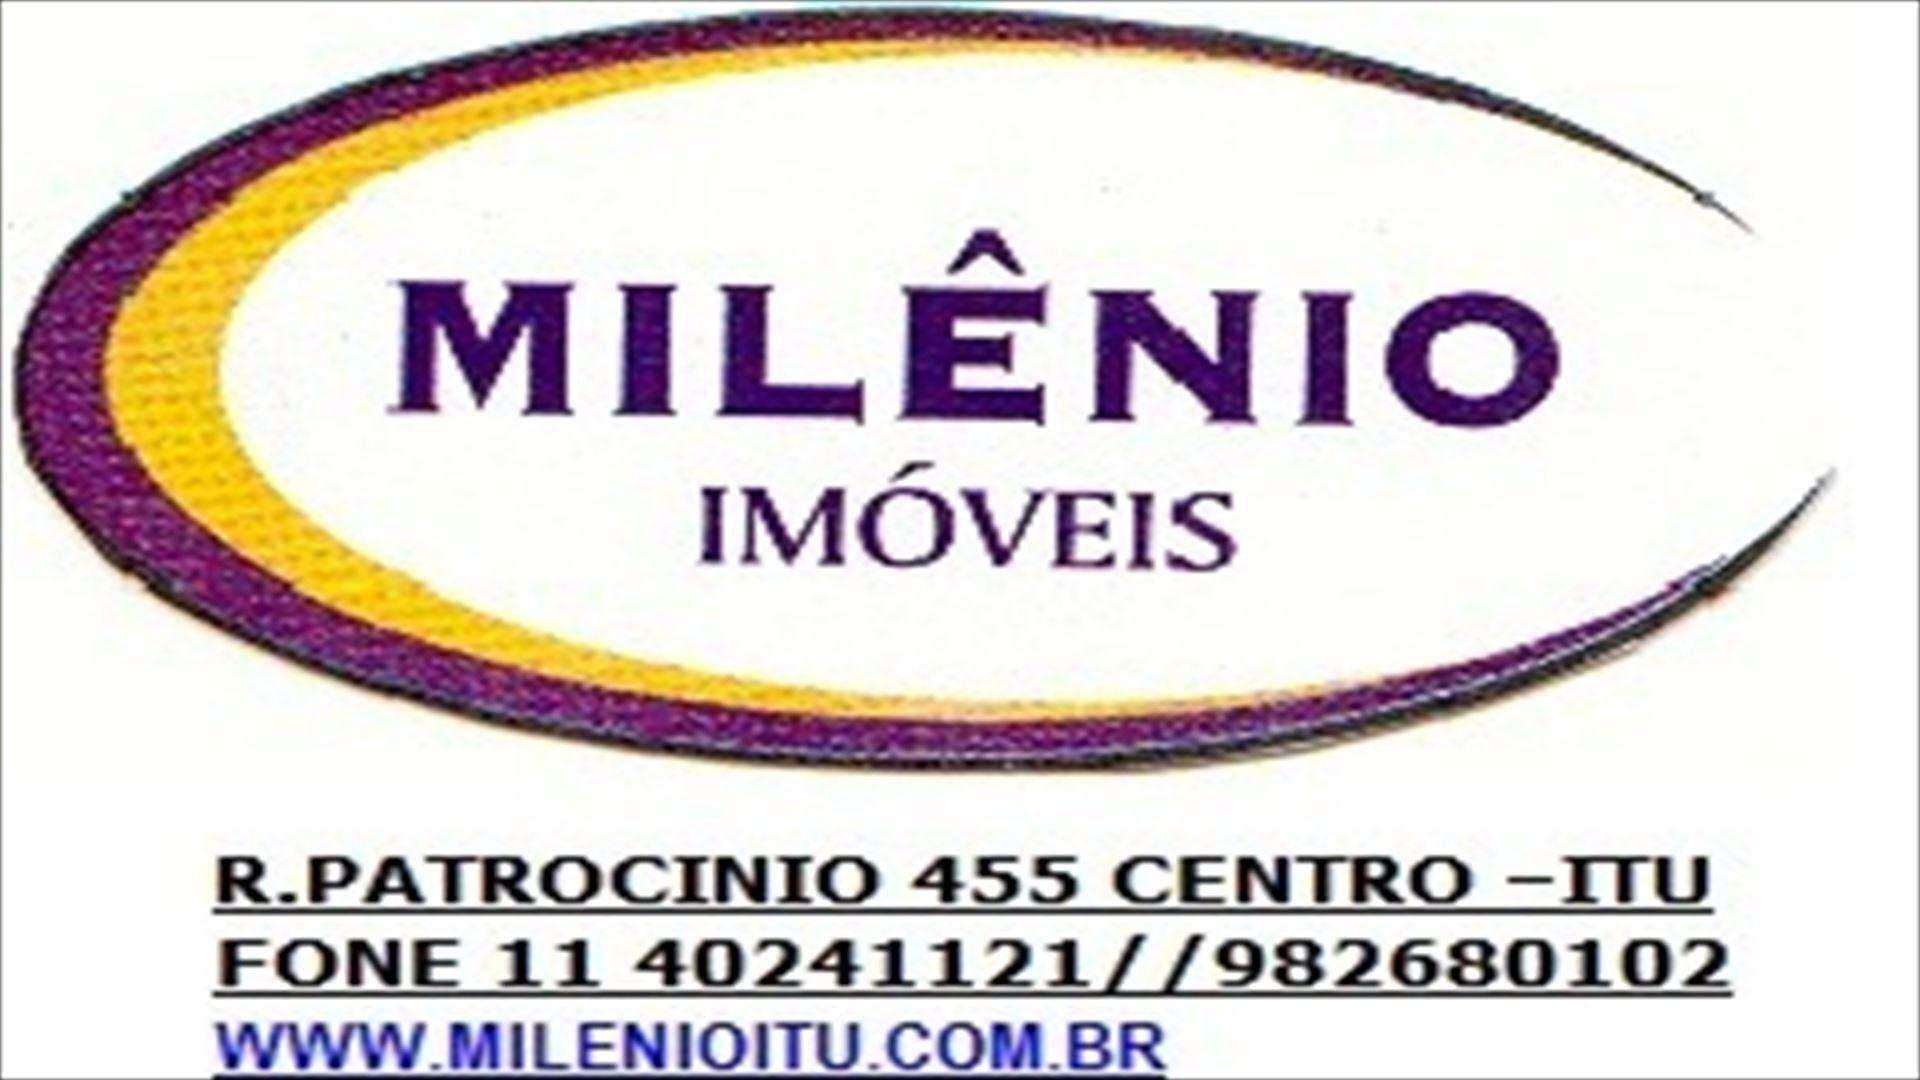 187100-LOGO_TIPO_MILENIO1.jpg